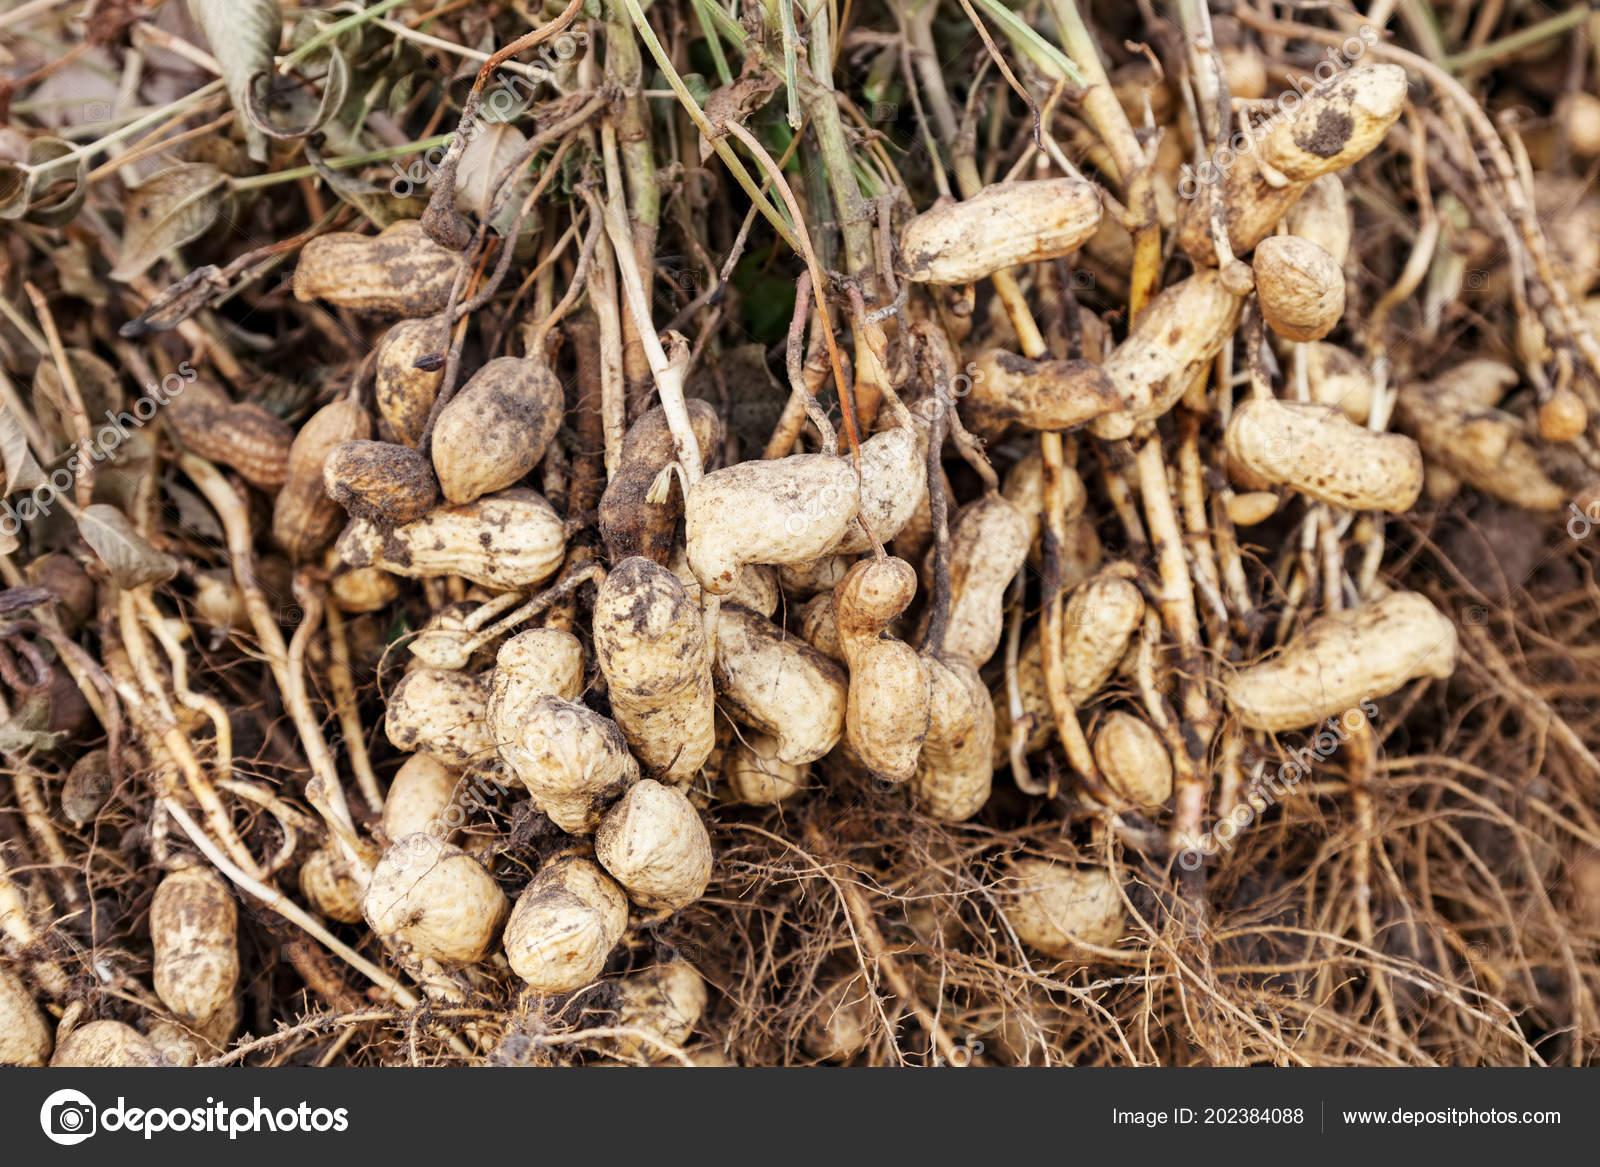 erdnusspflanzen